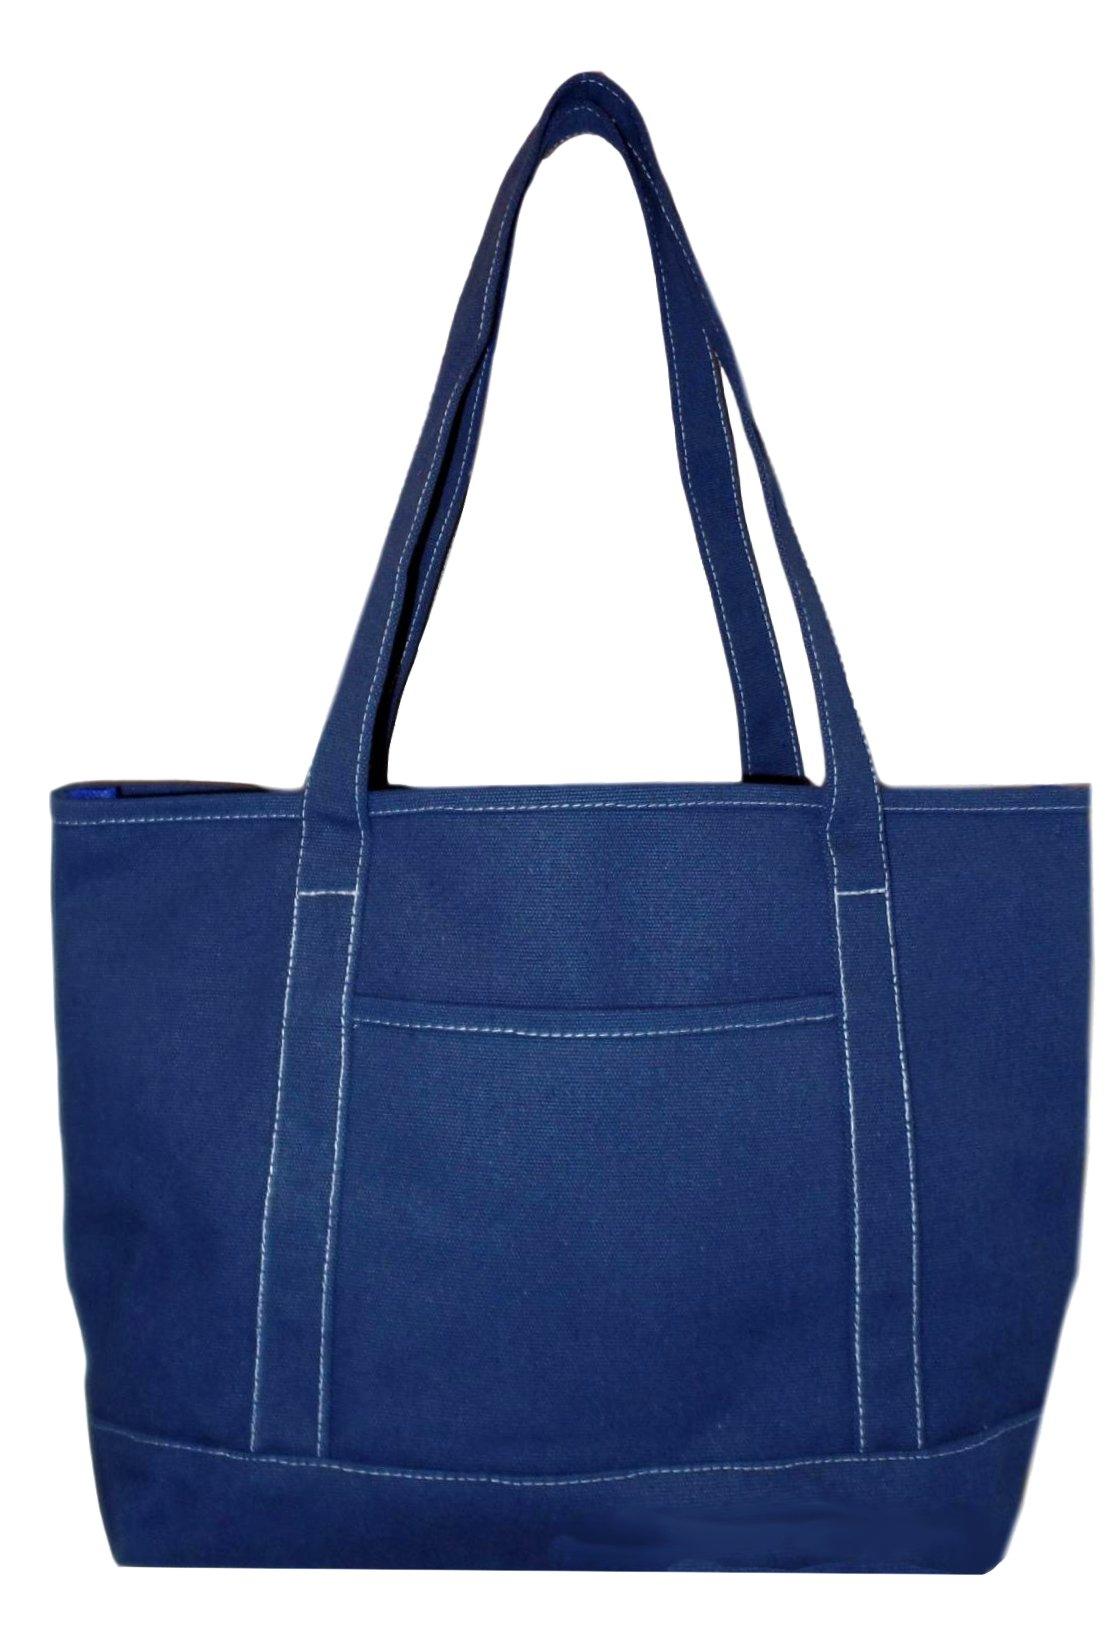 Premium Large 24 oz Cotton Canvas Open Top Shopper Tote Bag (Navy)